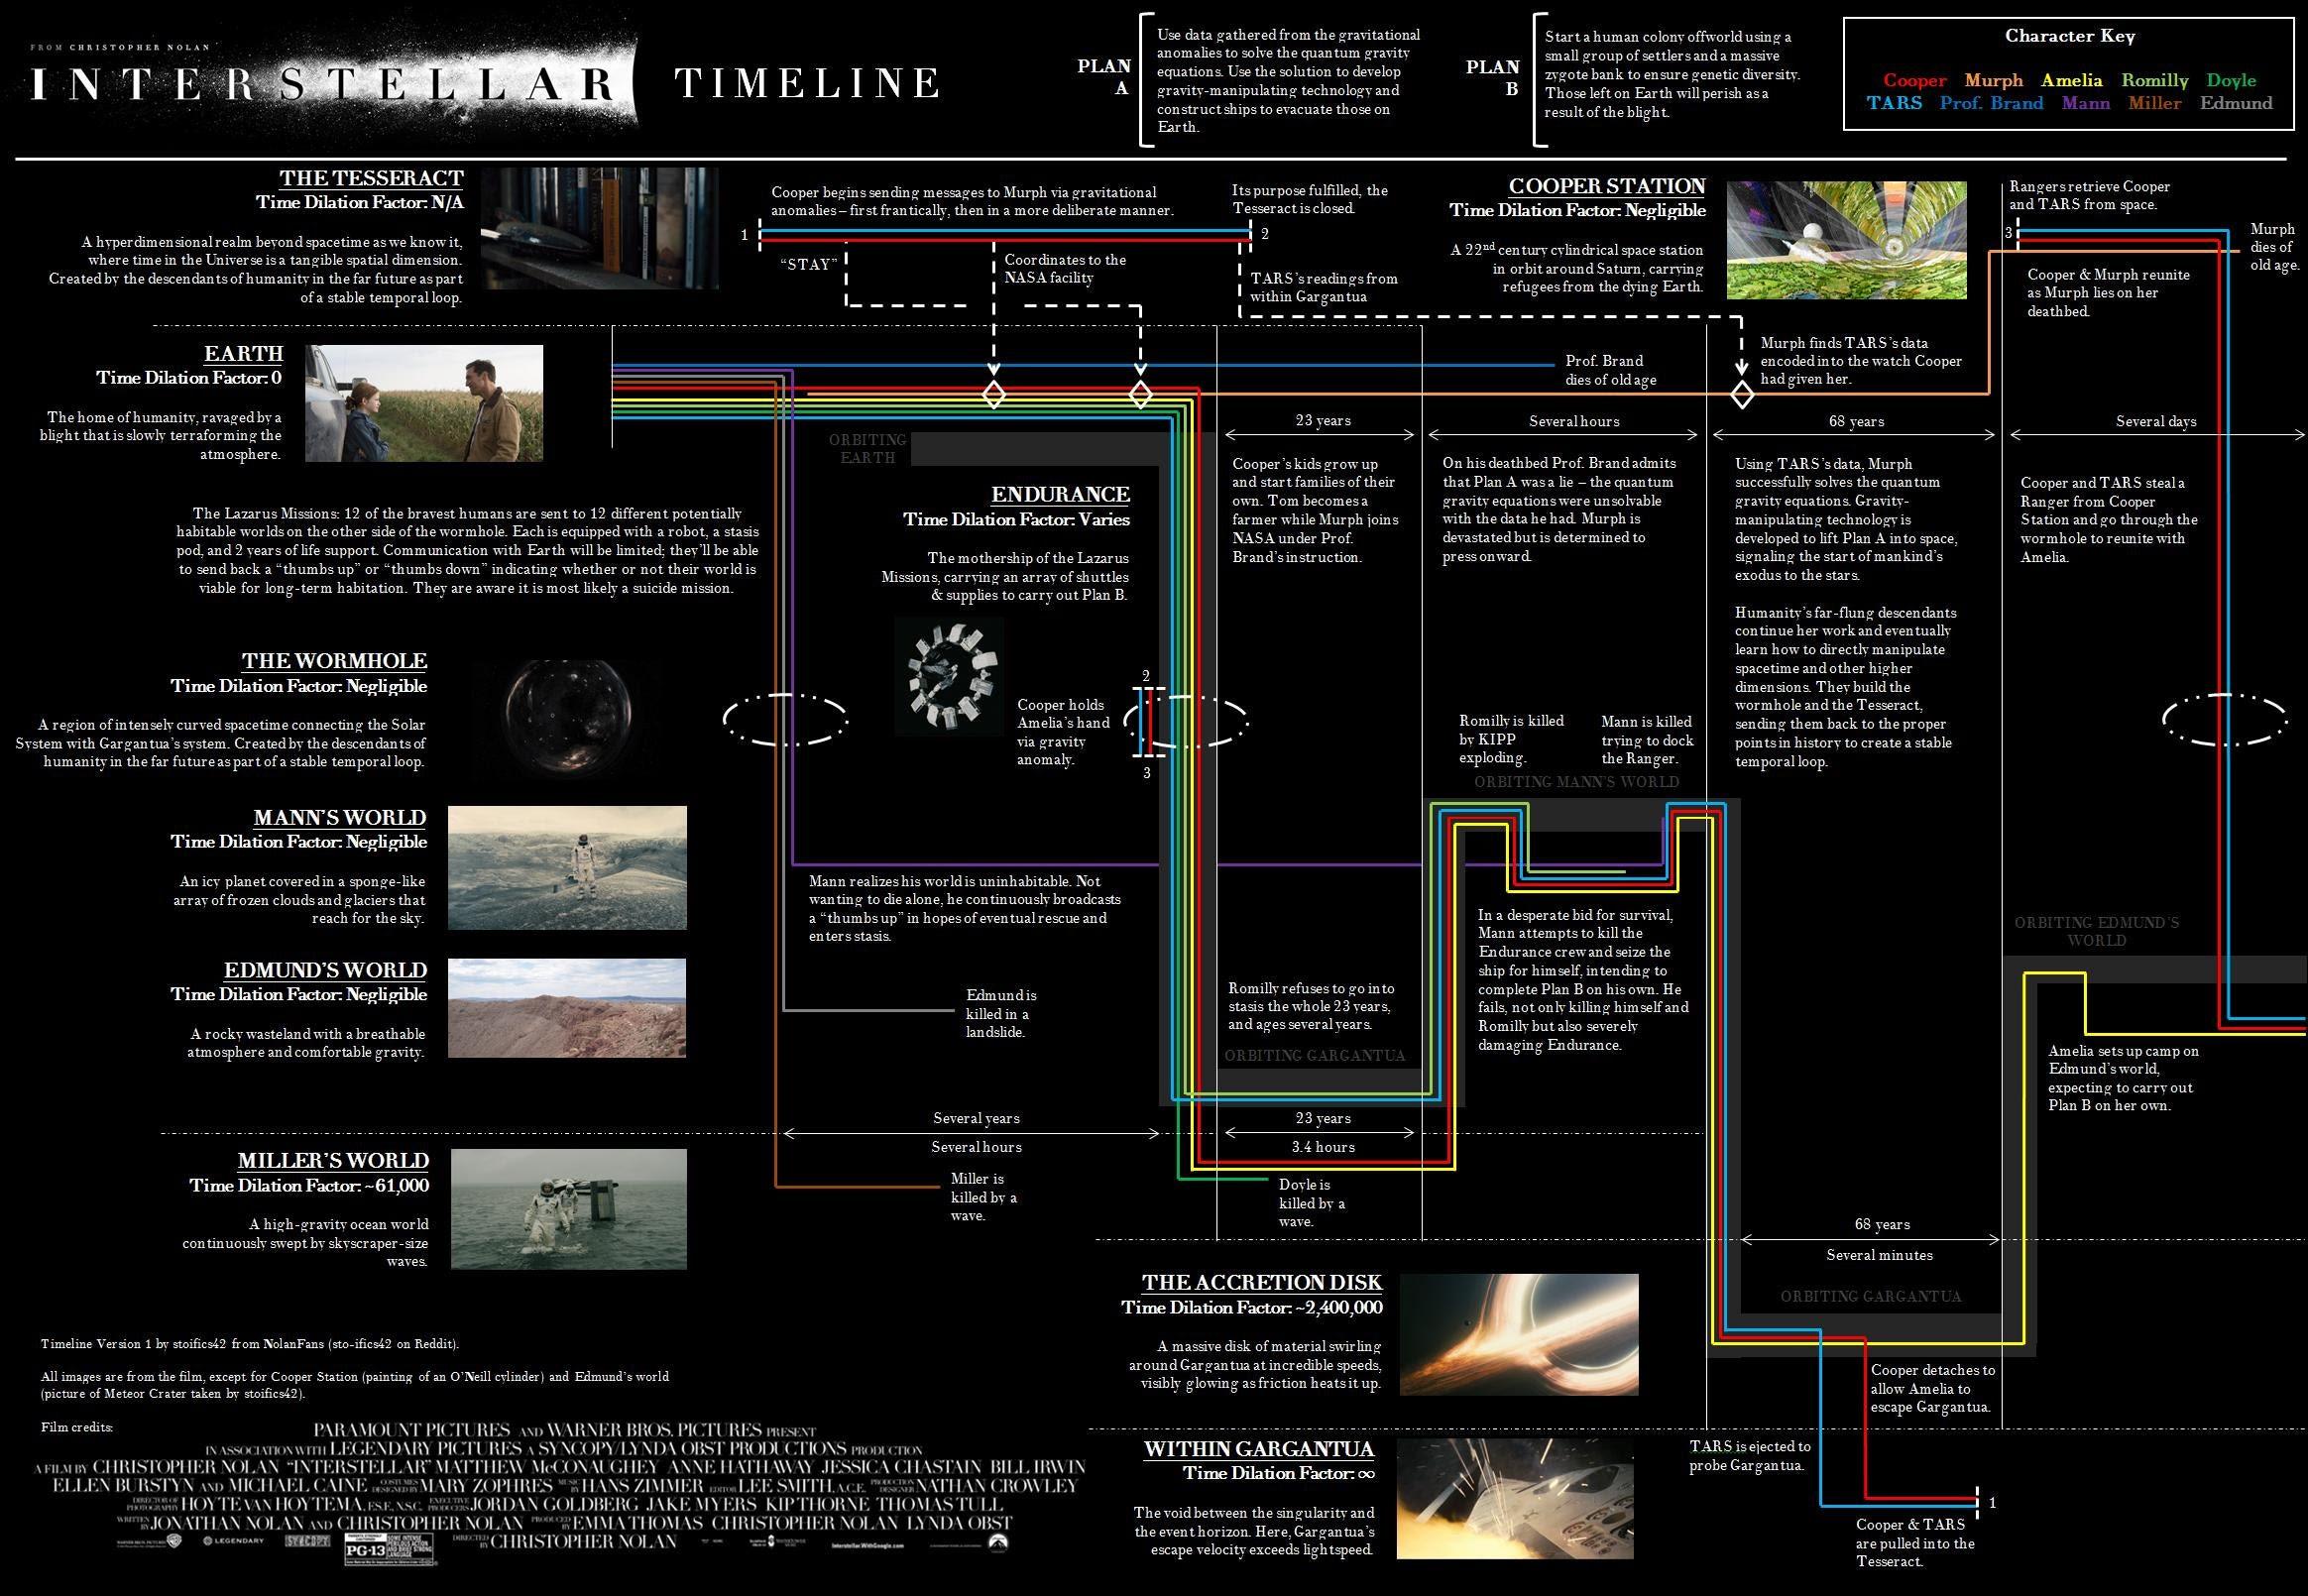 interstellar timeline